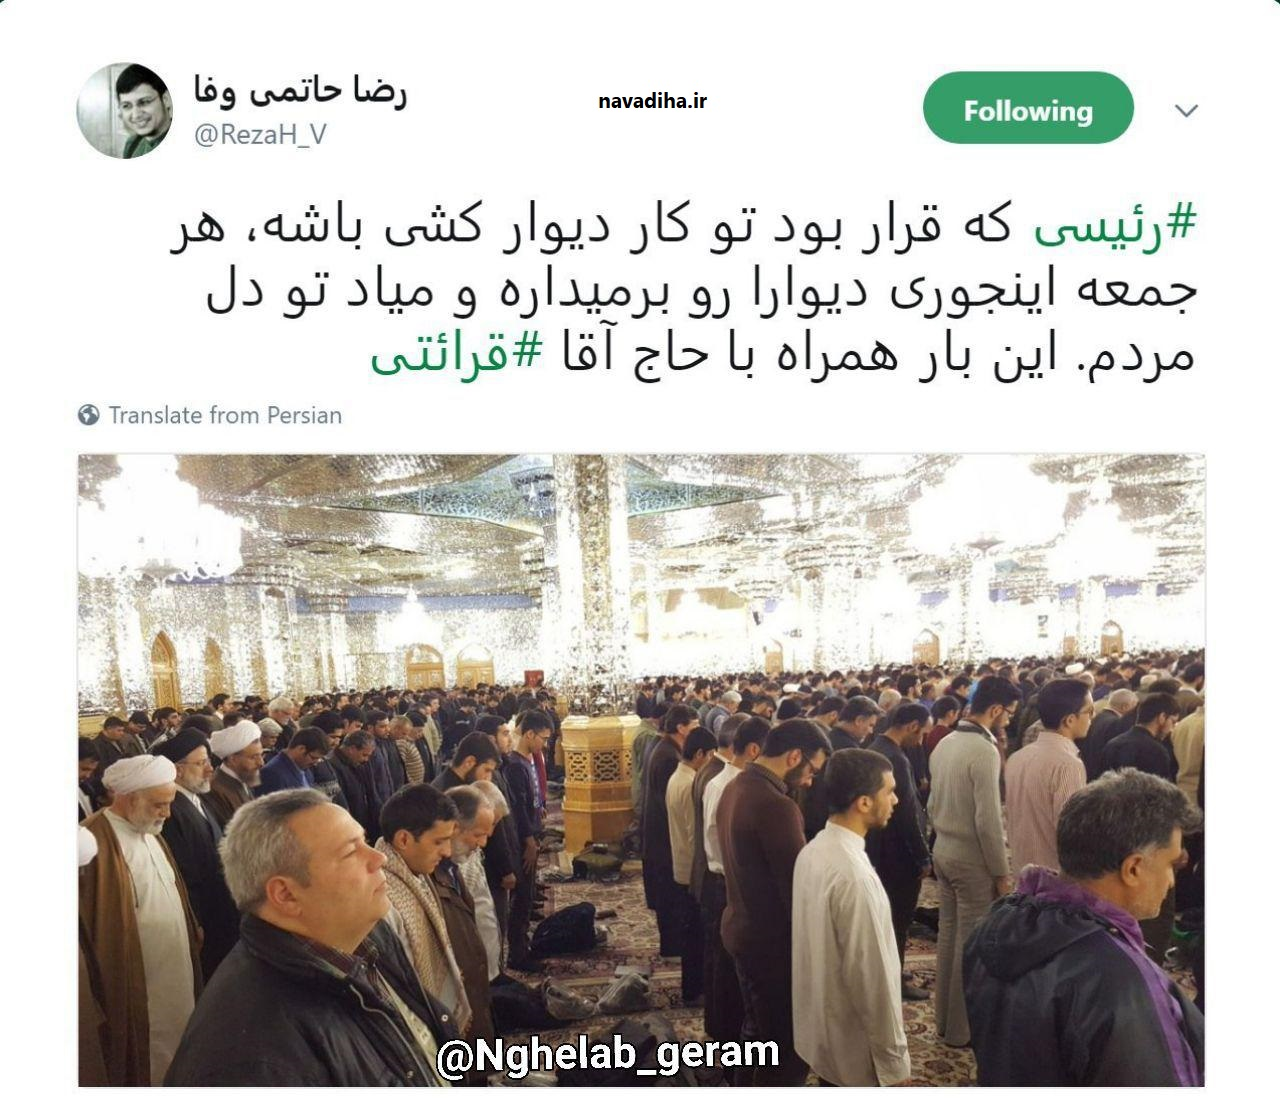 عکس حضور متفاوت قرائتی و رئیسی در نماز جمعه